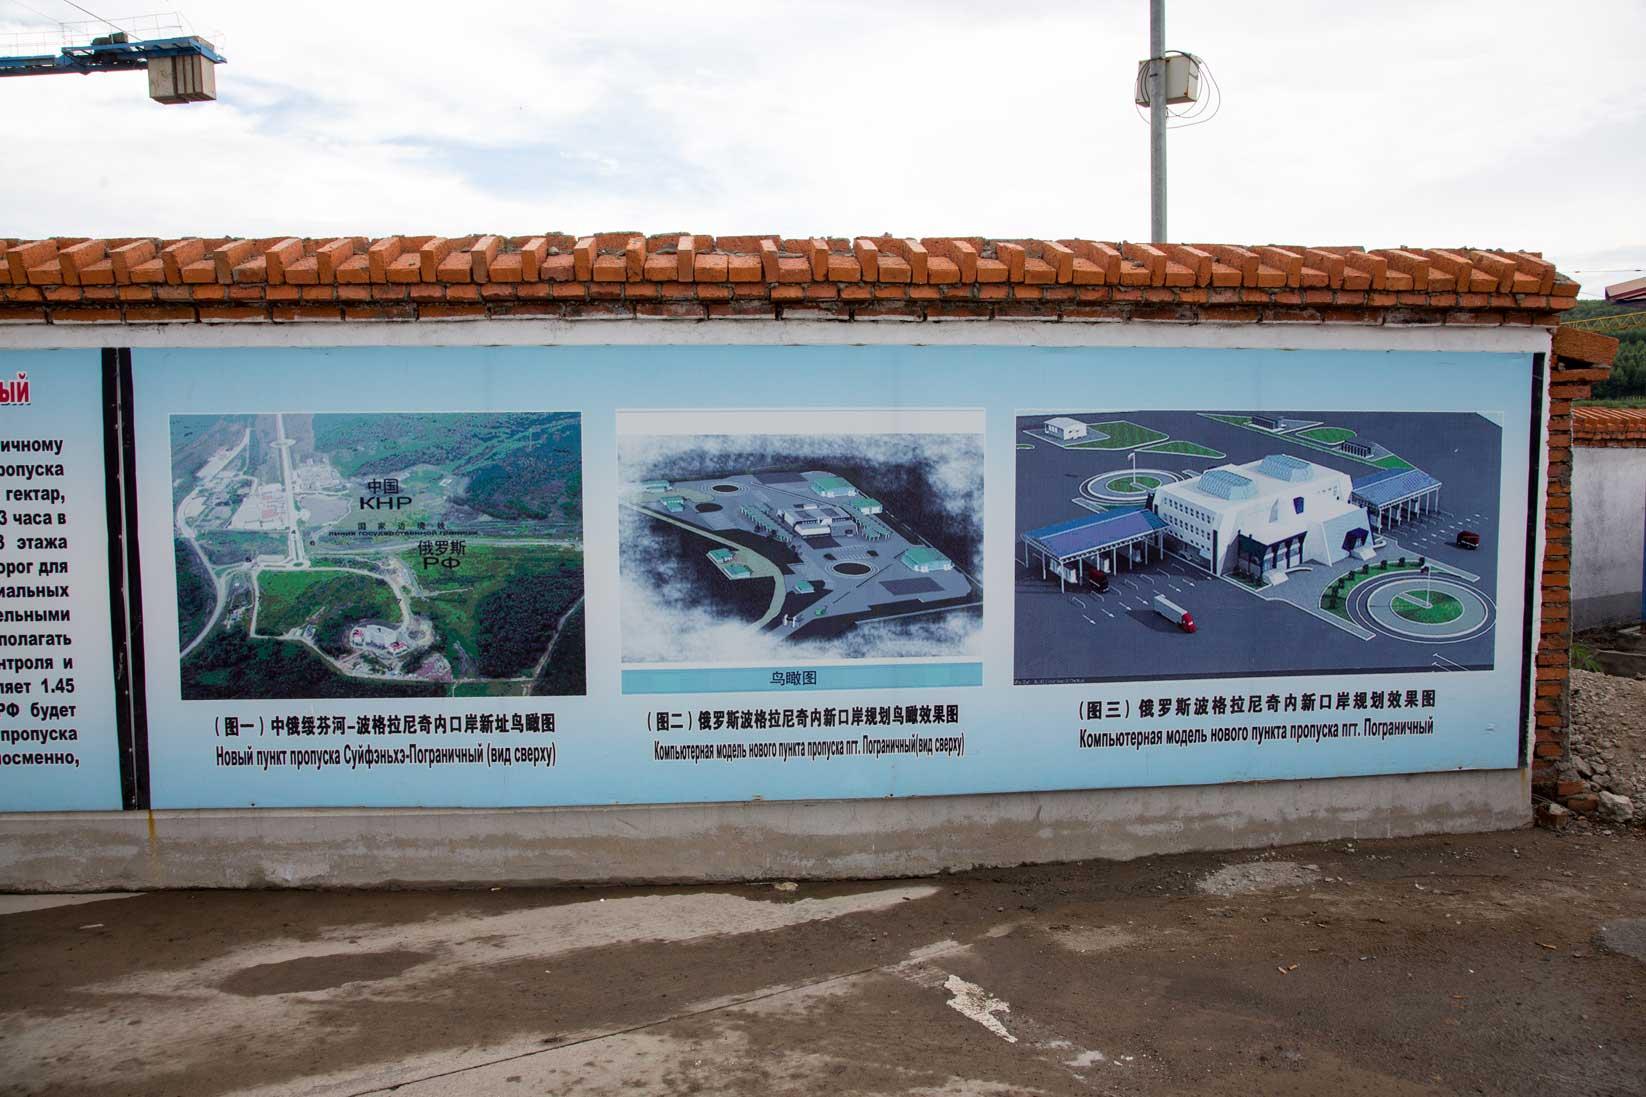 綏芬河の新国境ゲート建設は進行中_b0235153_1757726.jpg